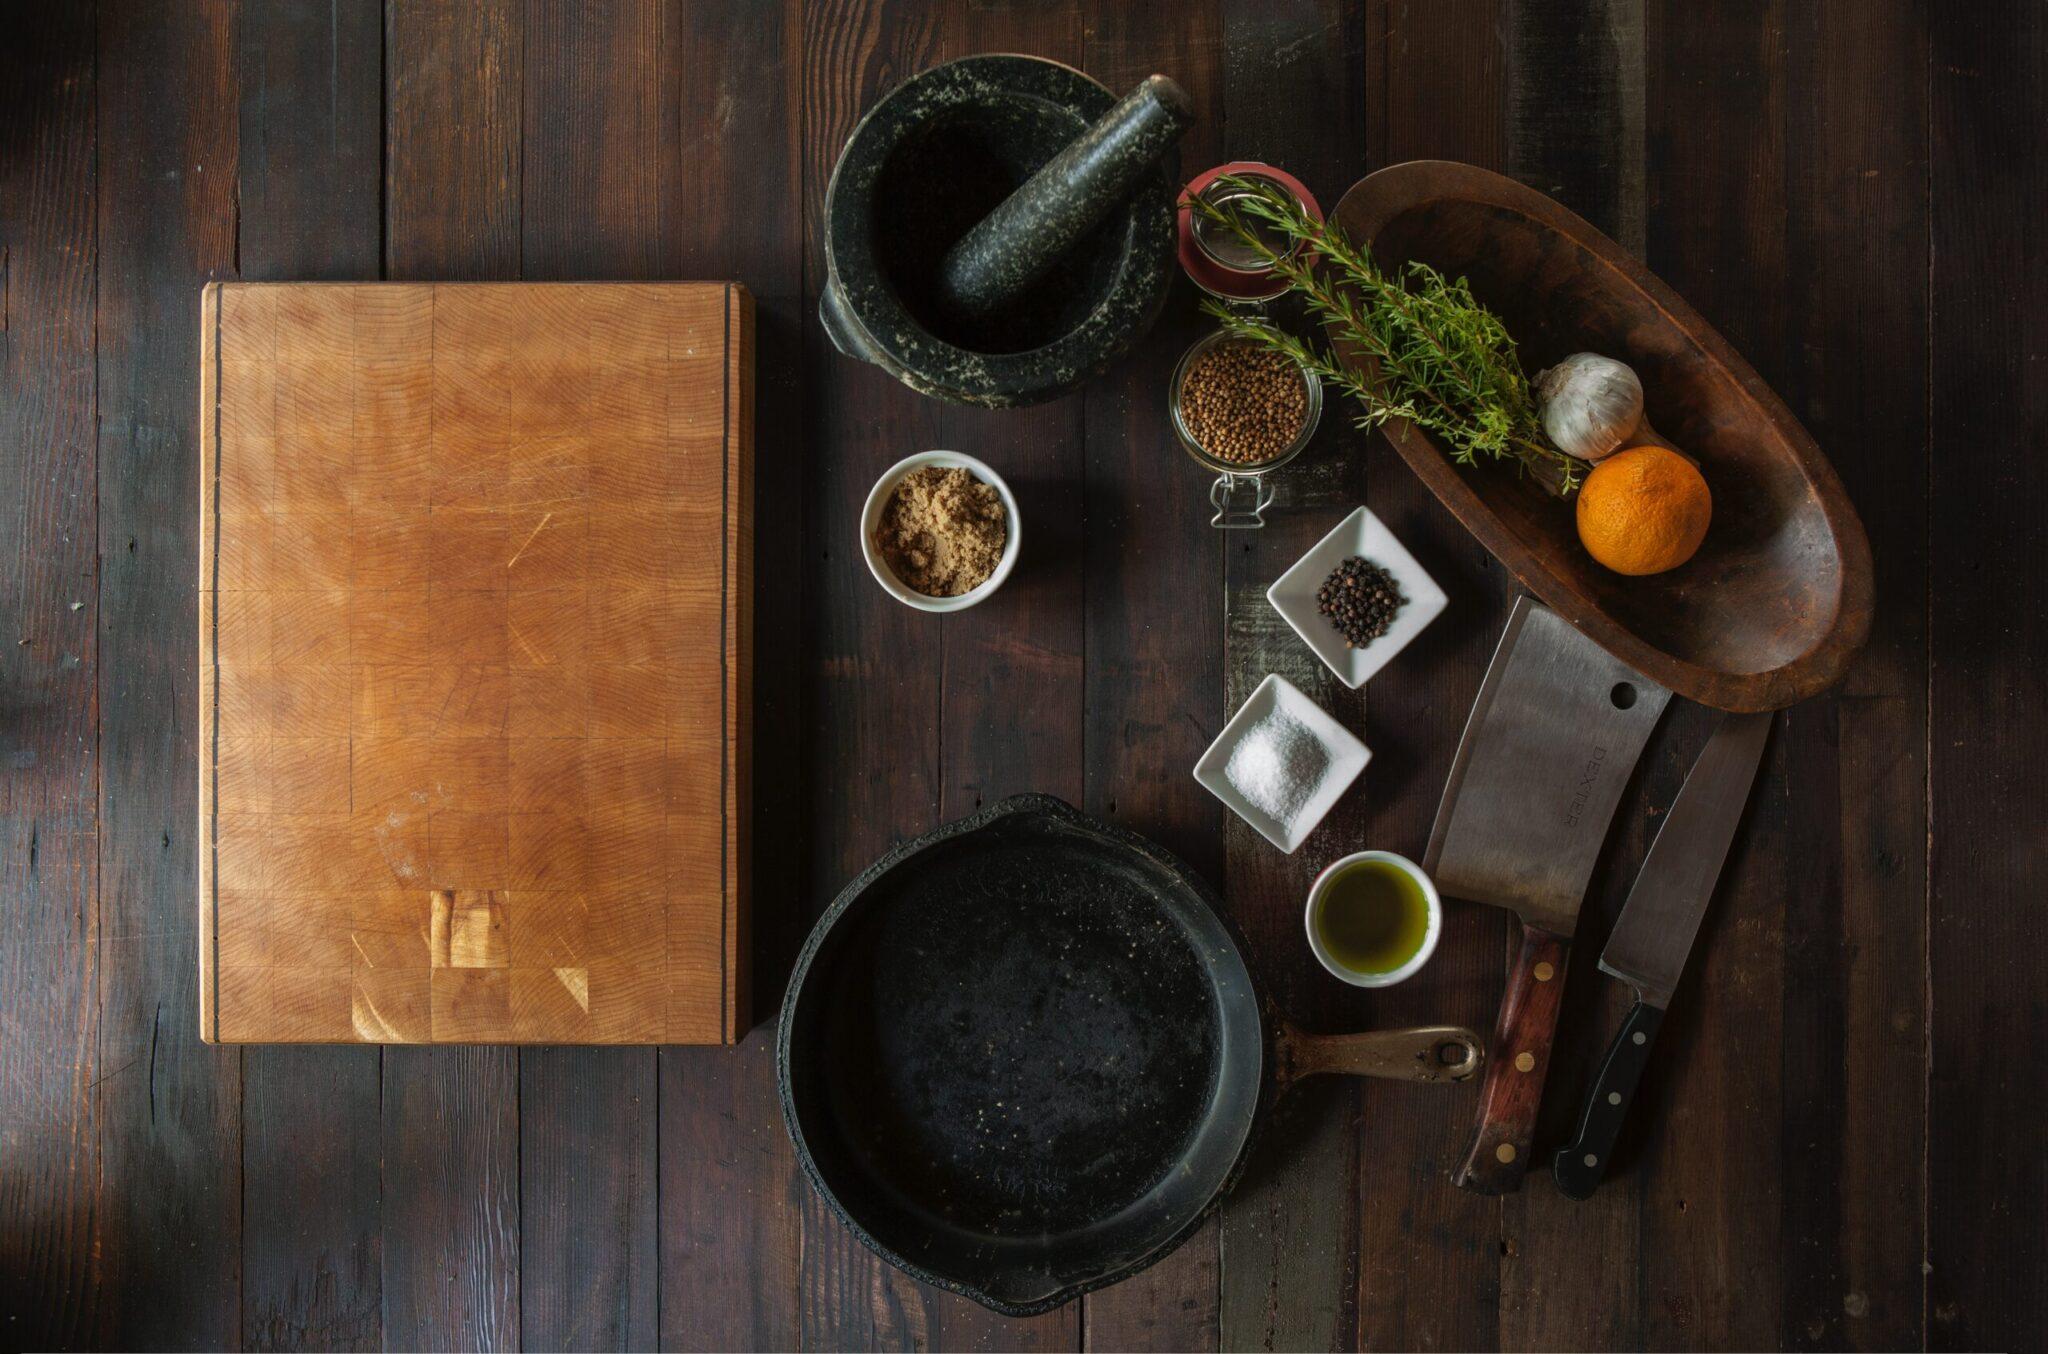 Εδώ έχετε τη δυνατότητα να ανεβάσετε τις δικές σας συνταγές και να τις δημοσιεύσετε!